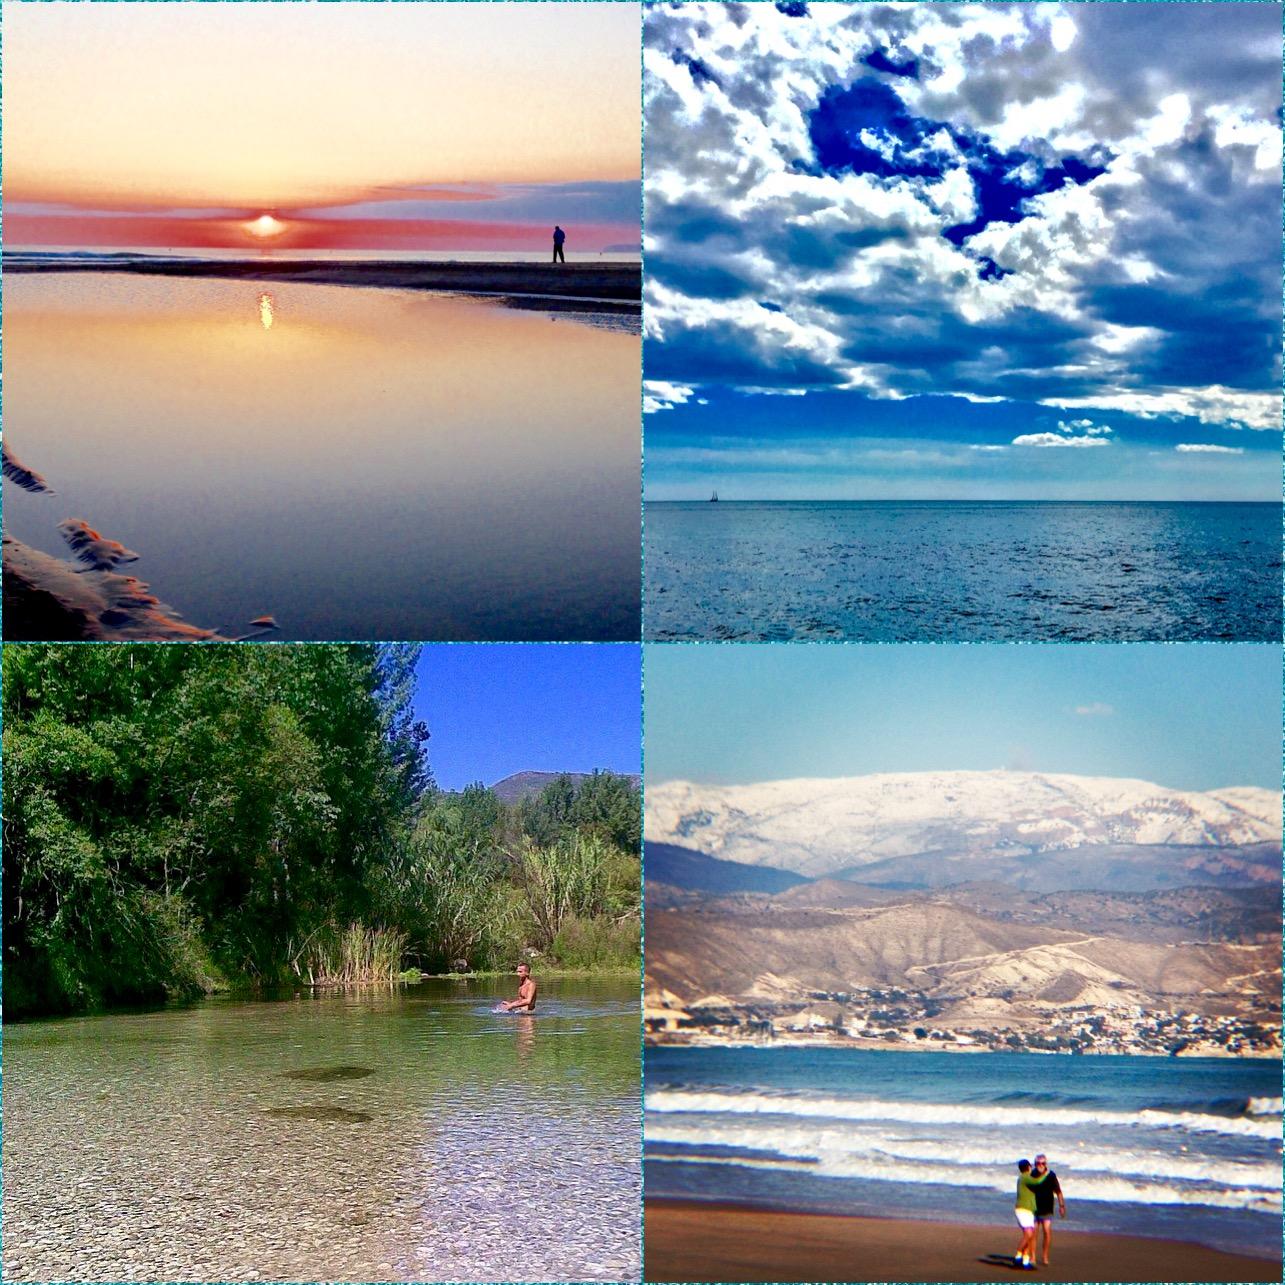 Alifornia: Sol, mar, campo y montaña.